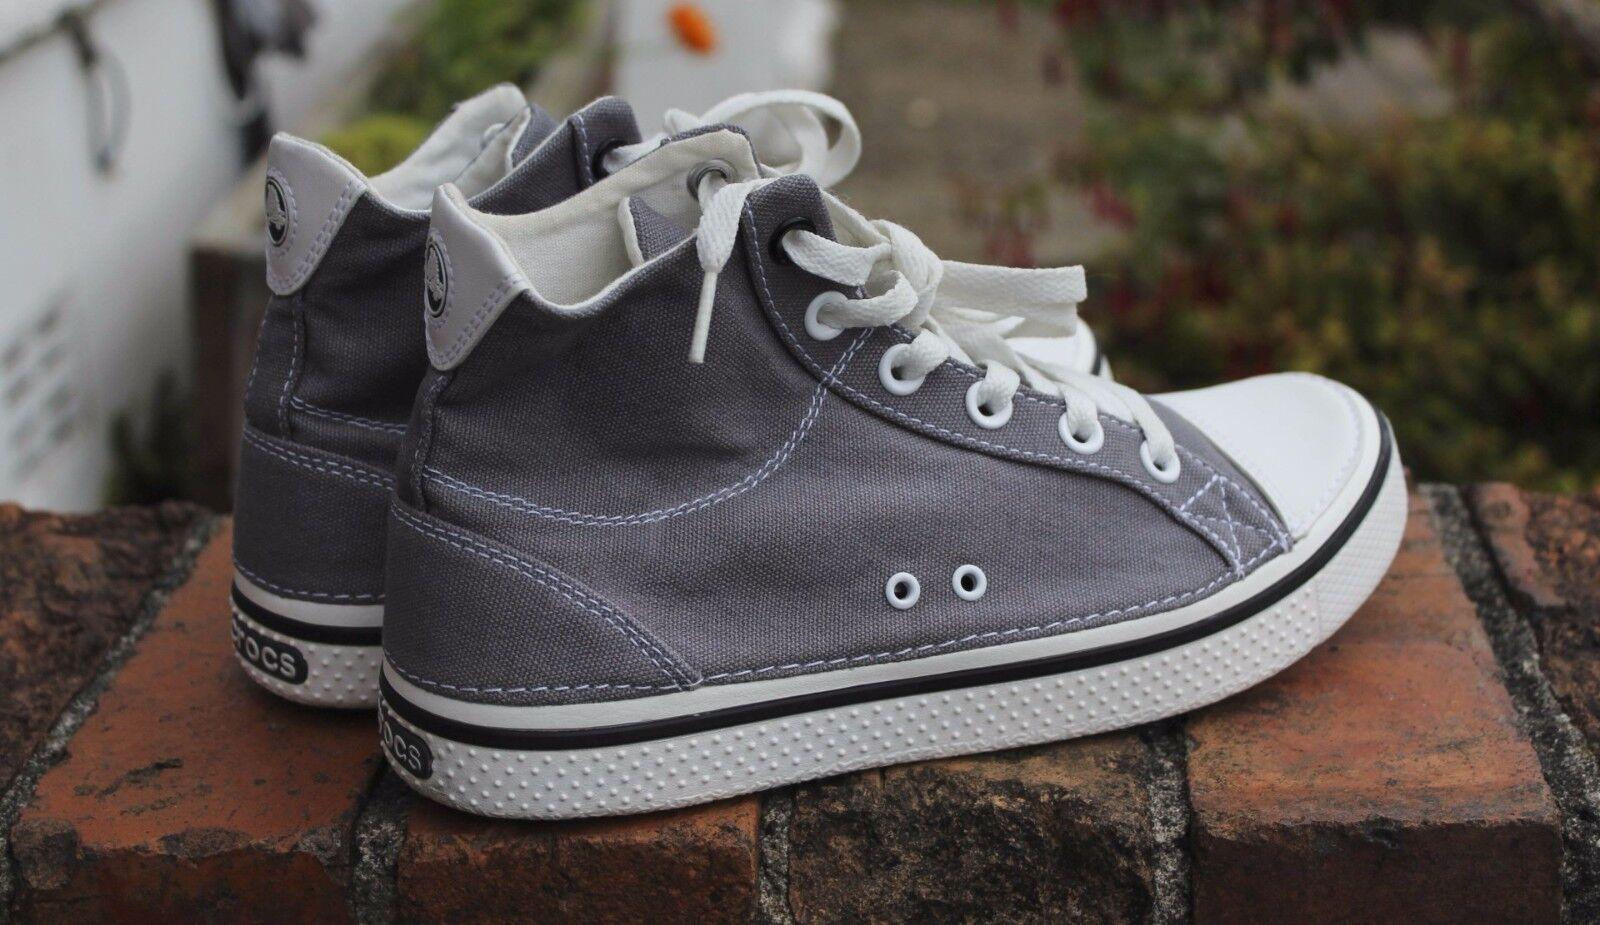 Crocs Hi Top cm grigio Canvas Scarpe da ginnastica Converse Chuck Taylor Stile Grigio -